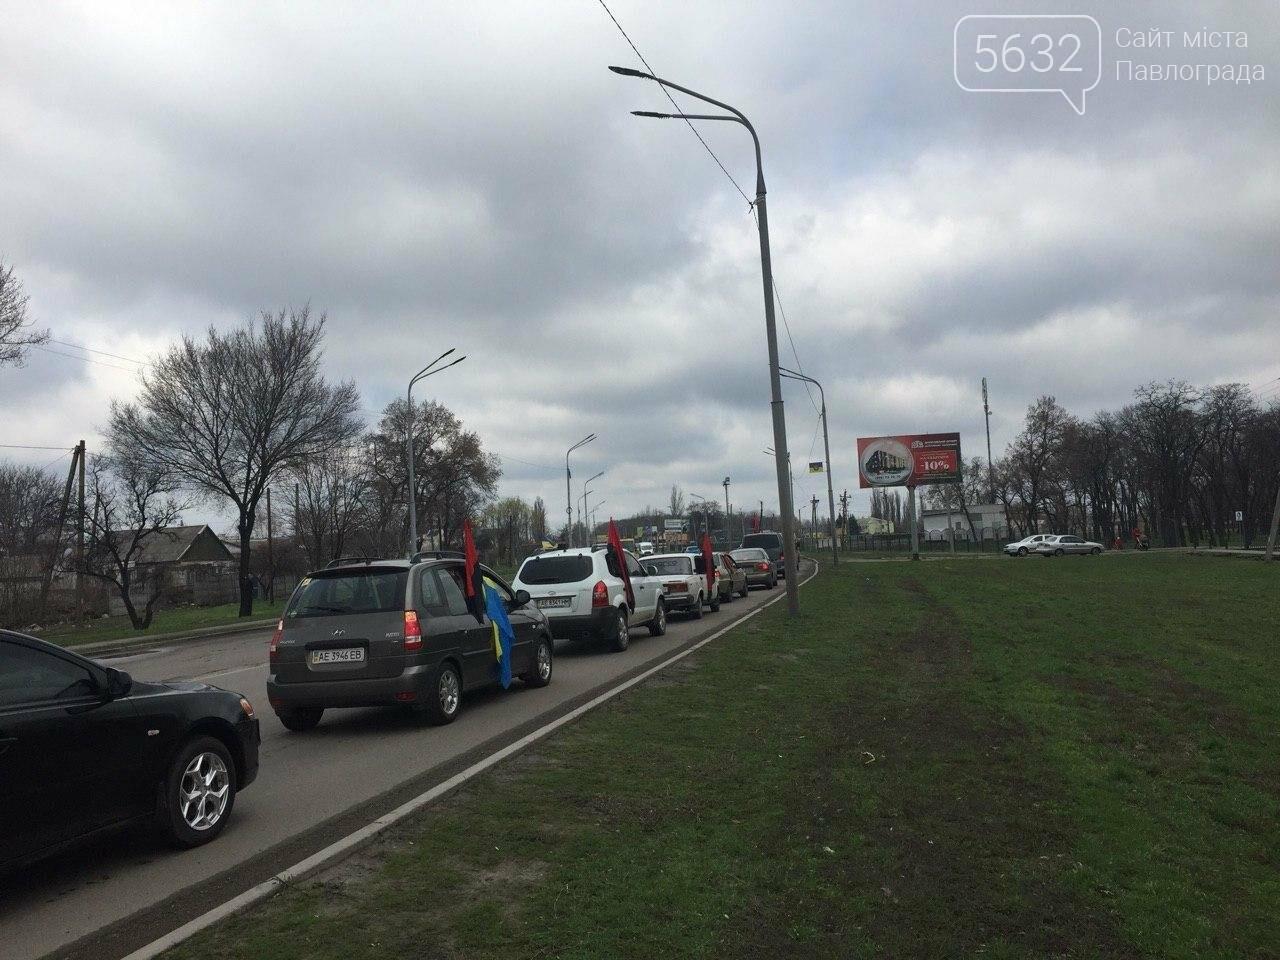 В День украинского добровольца павлоградцы устроили автопробег (ФОТОРЕПОРТАЖ), фото-8